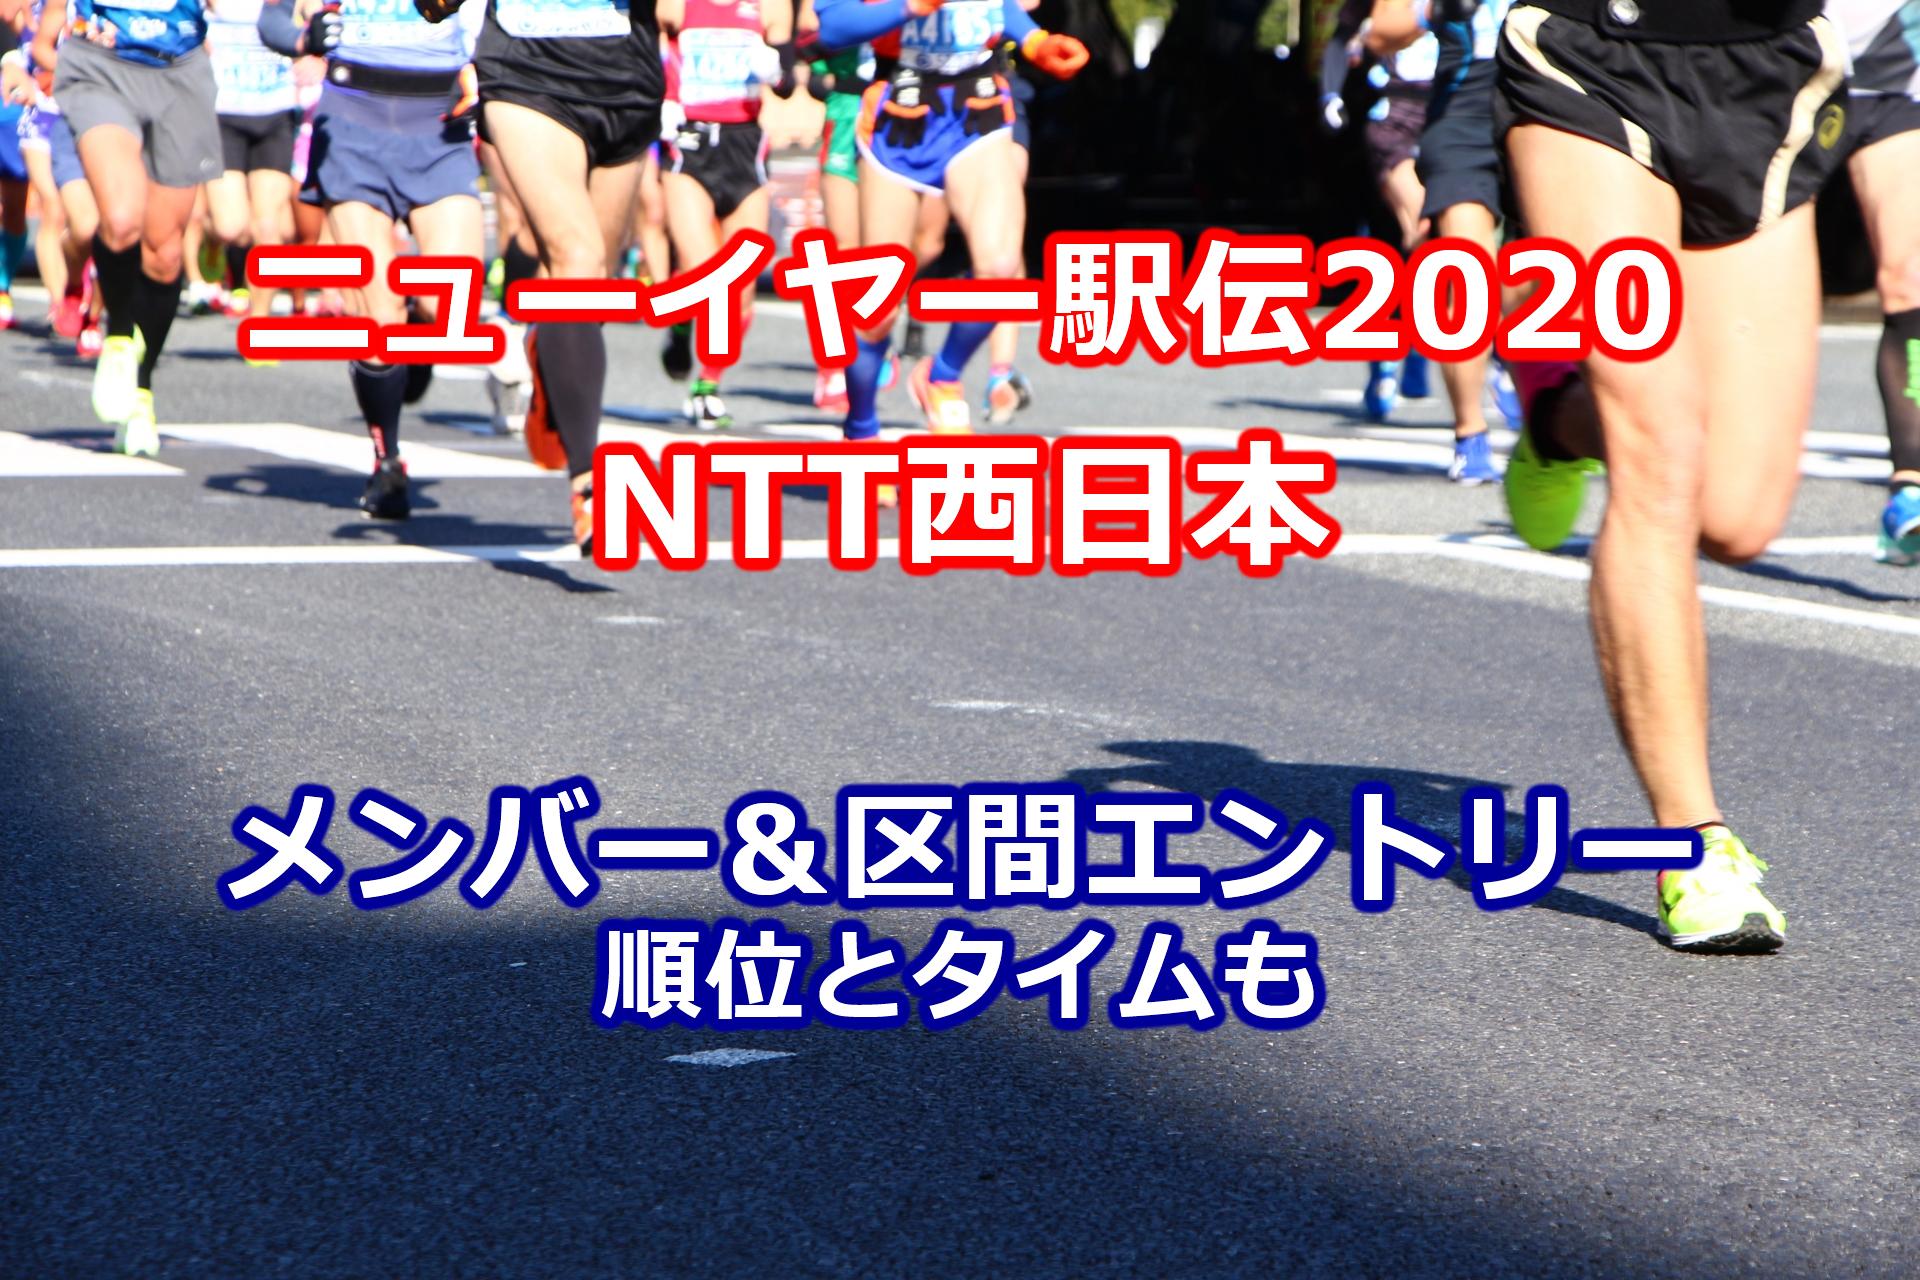 ニューイヤー駅伝2020NTT西日本メンバー・区間エントリー・結果・順位・タイムまとめ